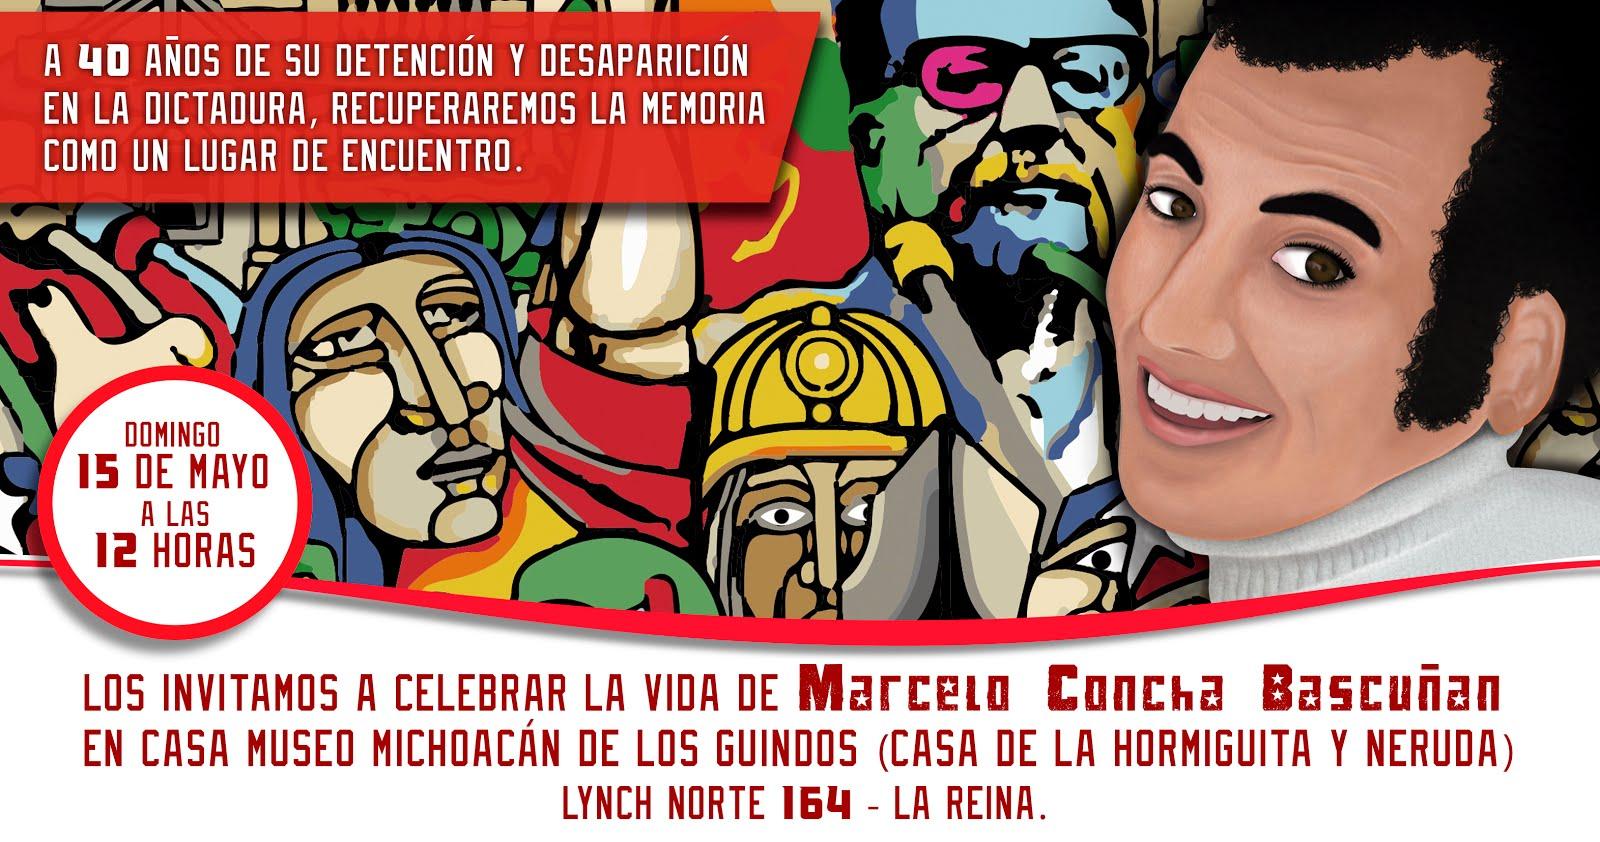 Acto de homenaje a Marcelo Concha Bascuñán.